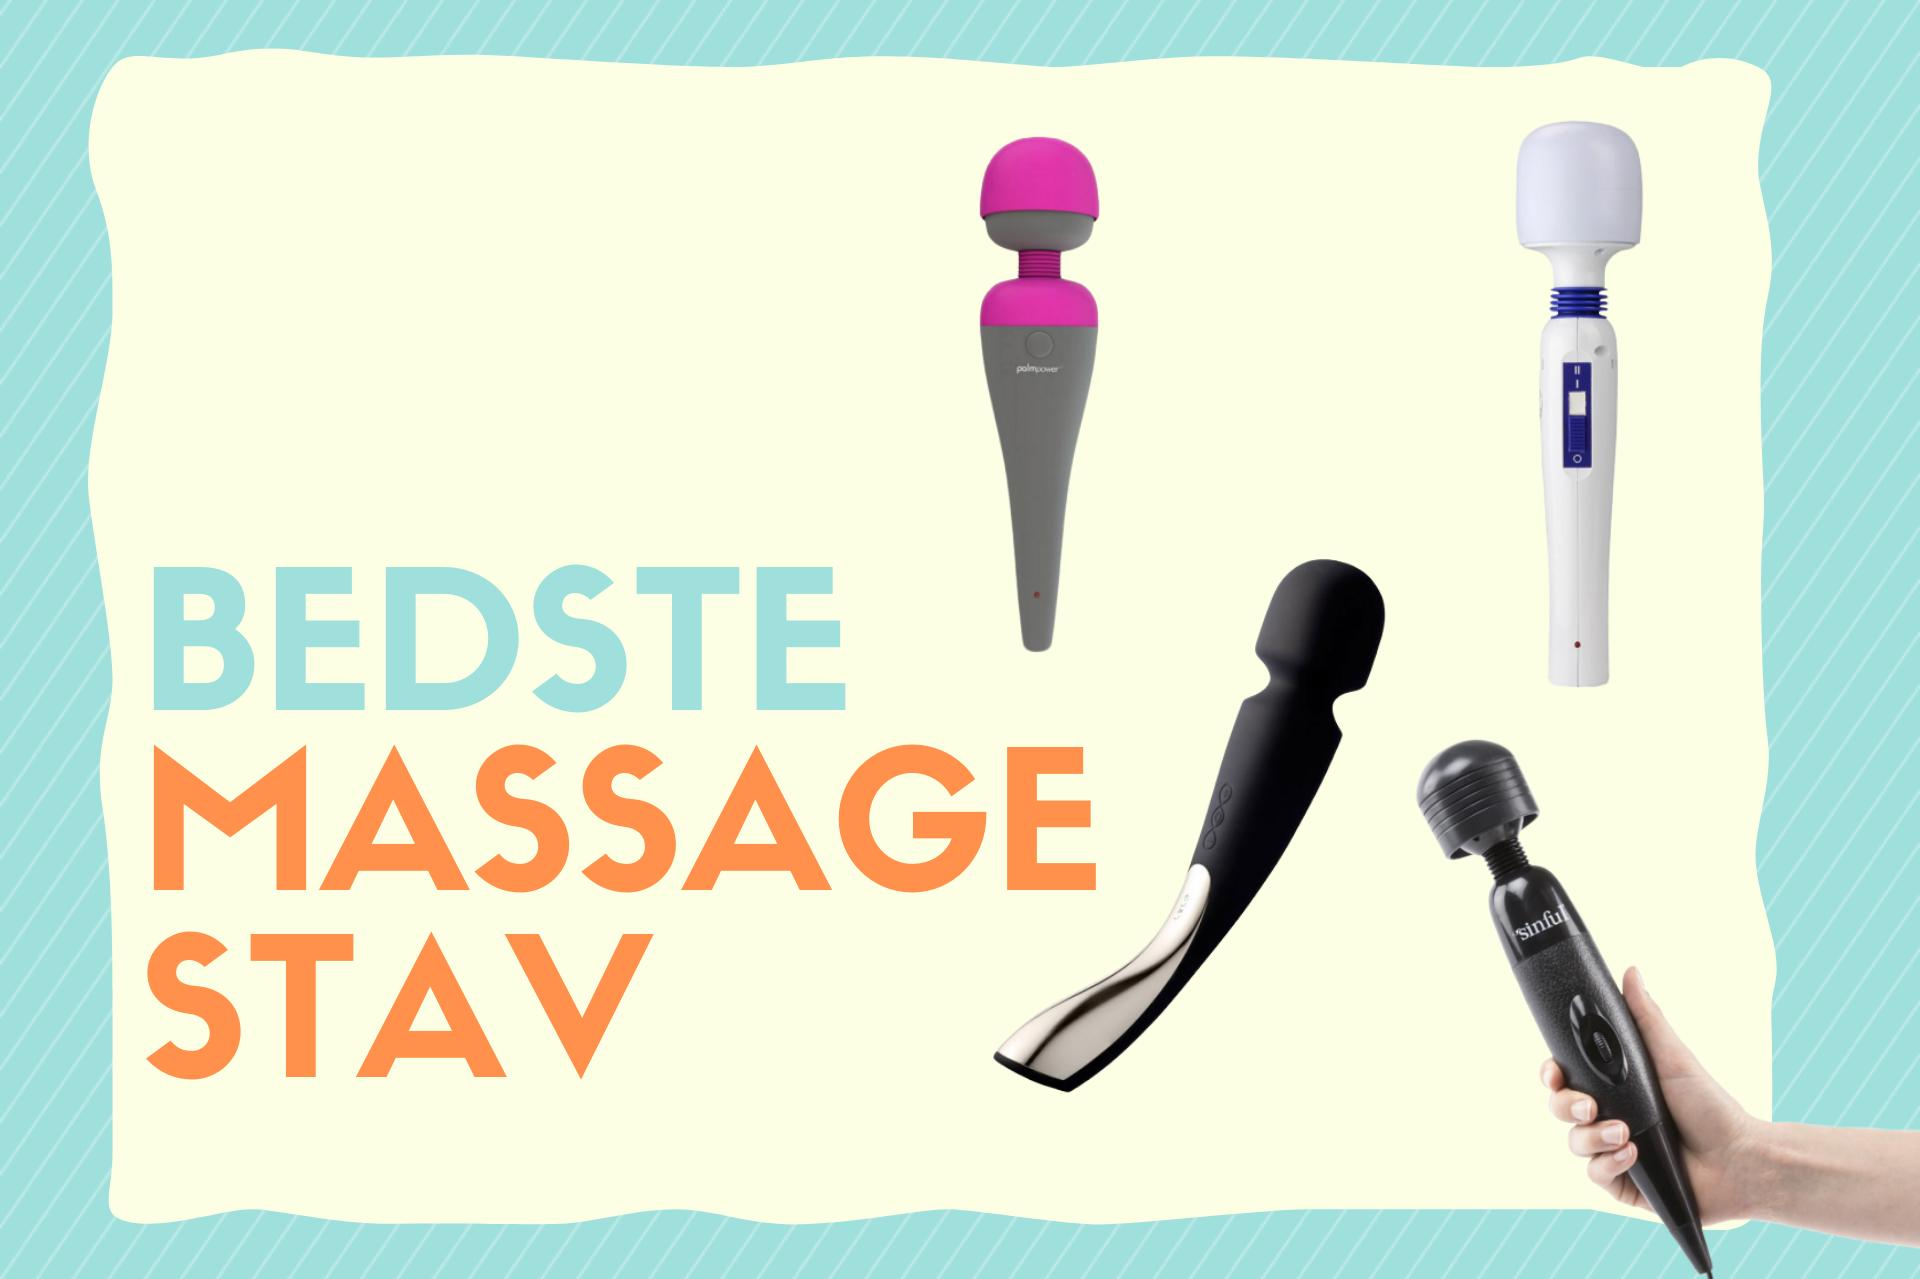 bedste massage stav i test